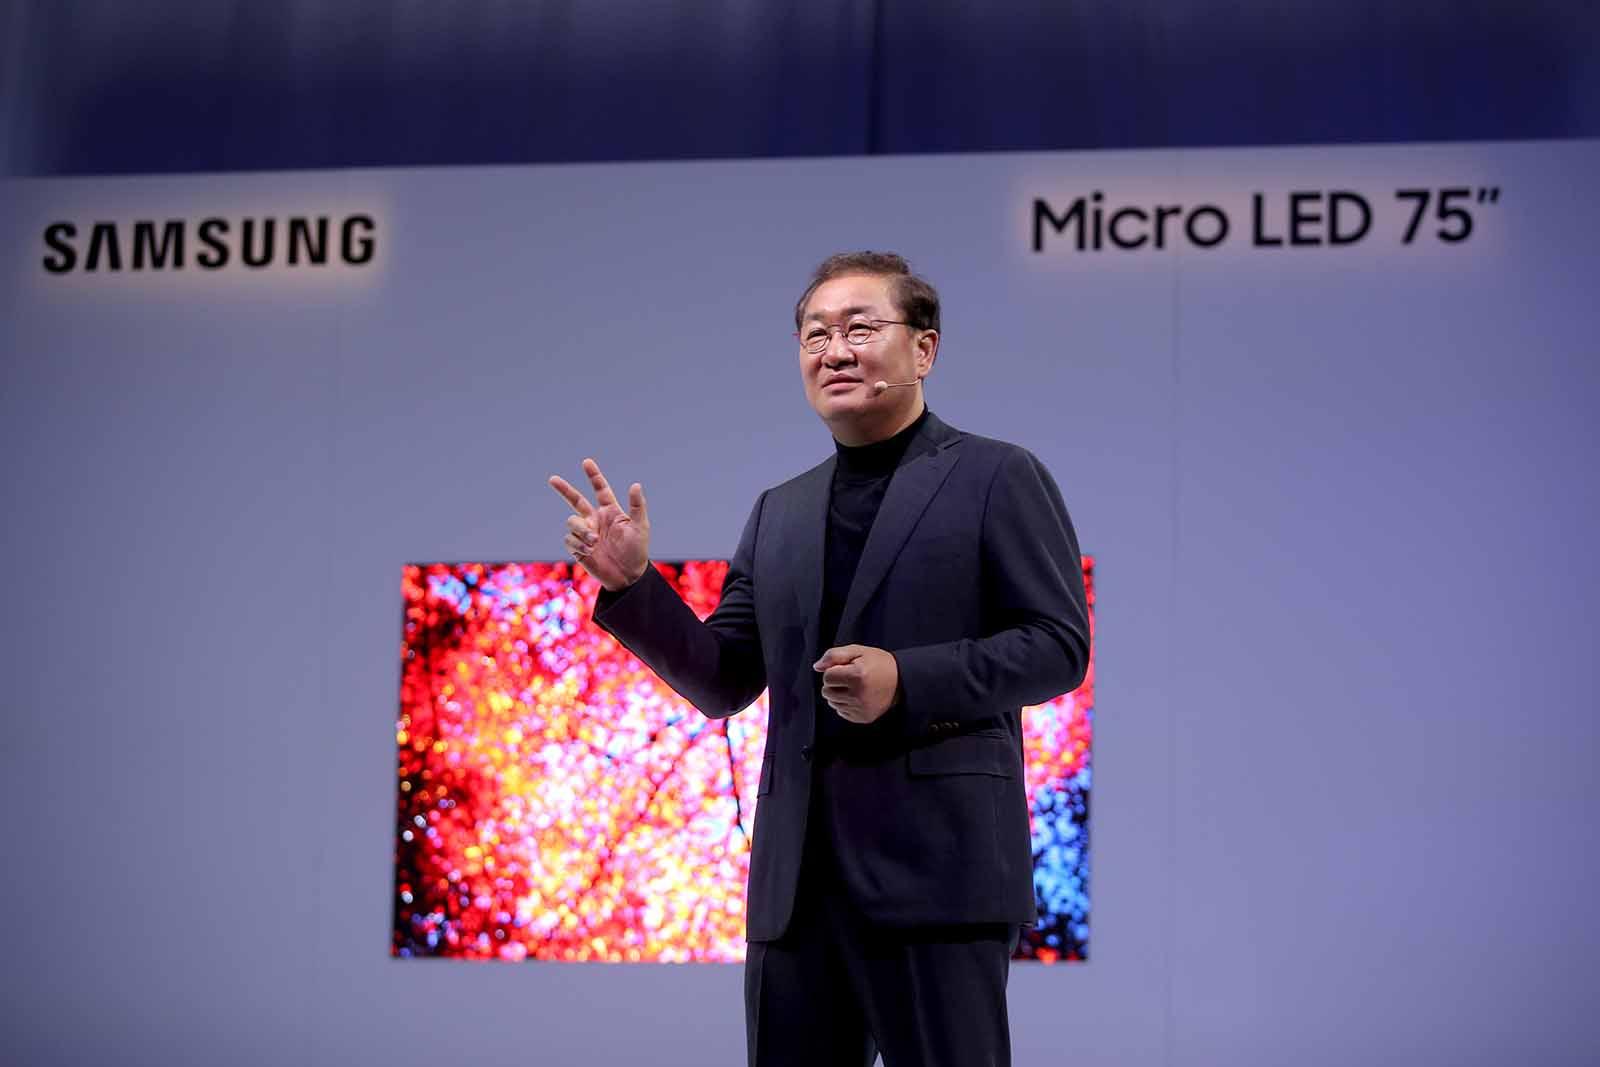 [CES2019] Samsung Presenta sus Nuevas Pantallas con Tecnología MicroLED Modular